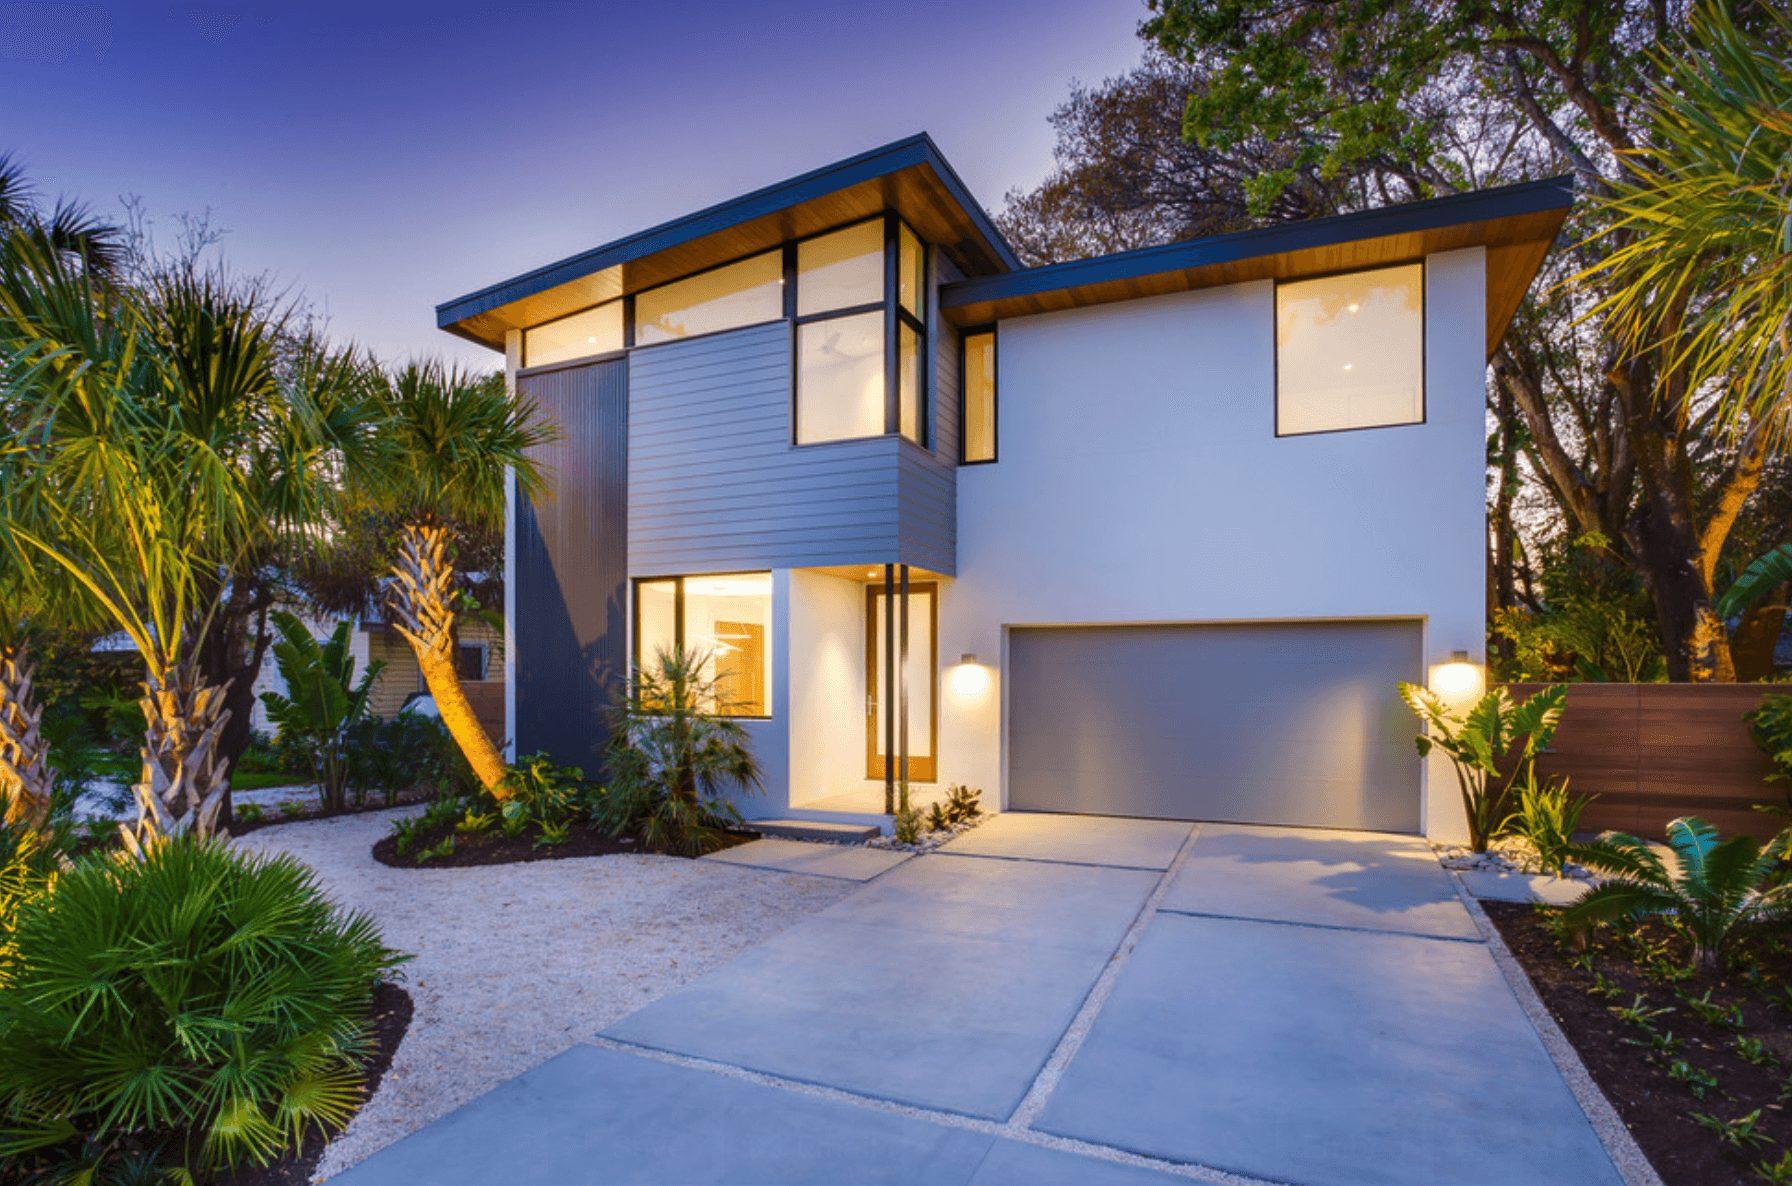 Casa bonita condomínio